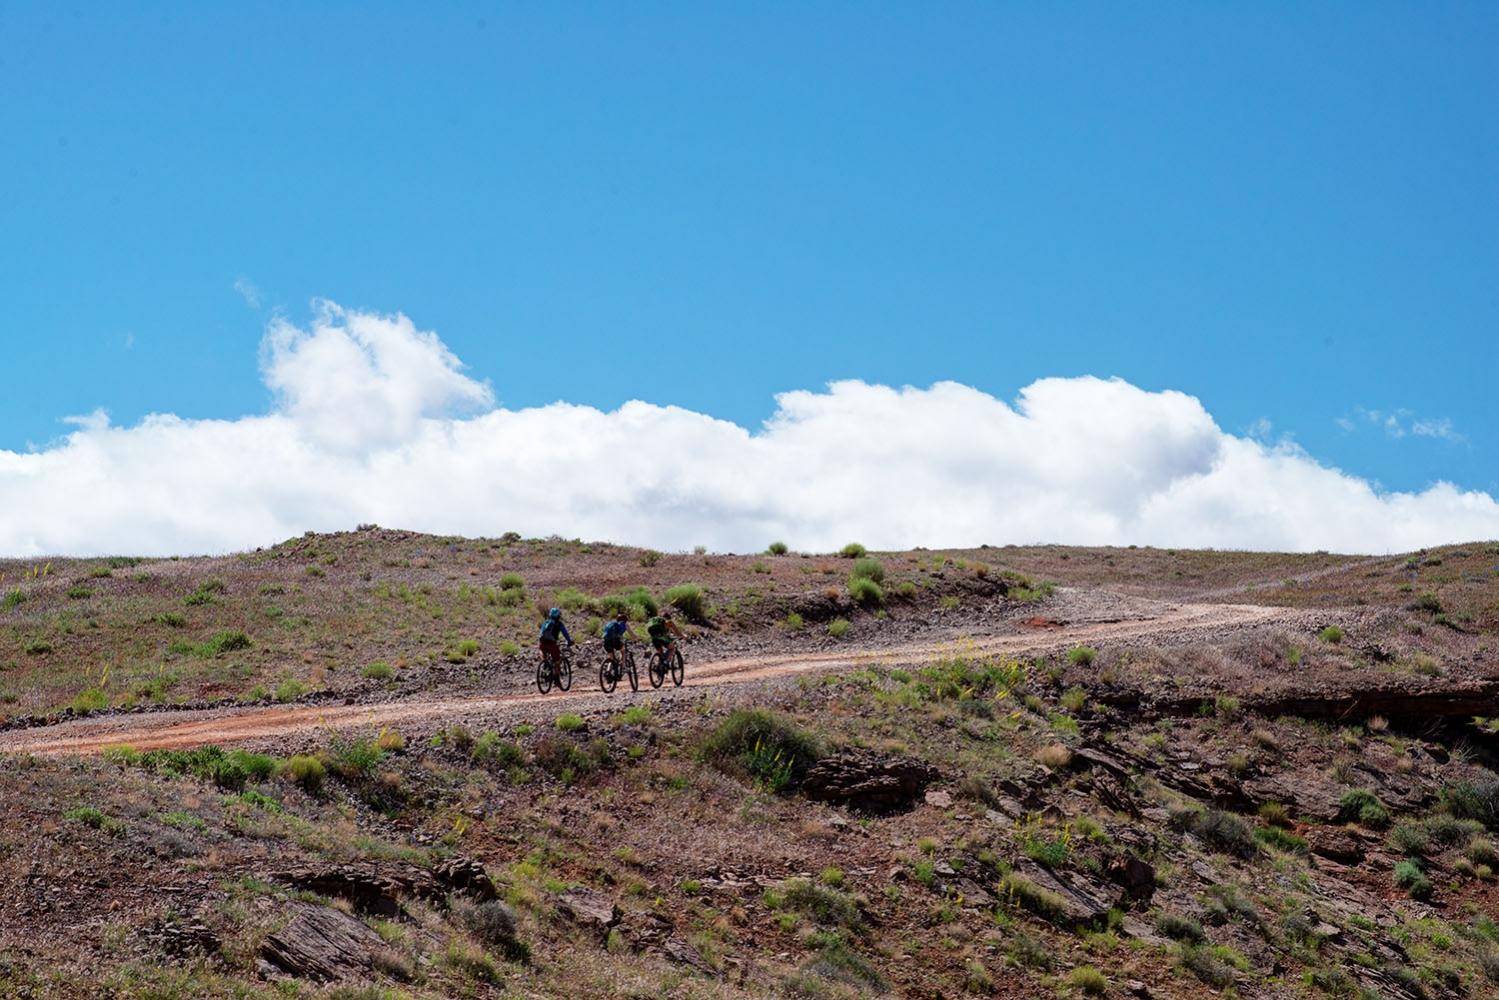 Canyonlands-National-Park-Full-Day-Guided-Mtb-Tour-Climbing-Toward-Horizon-Cloud